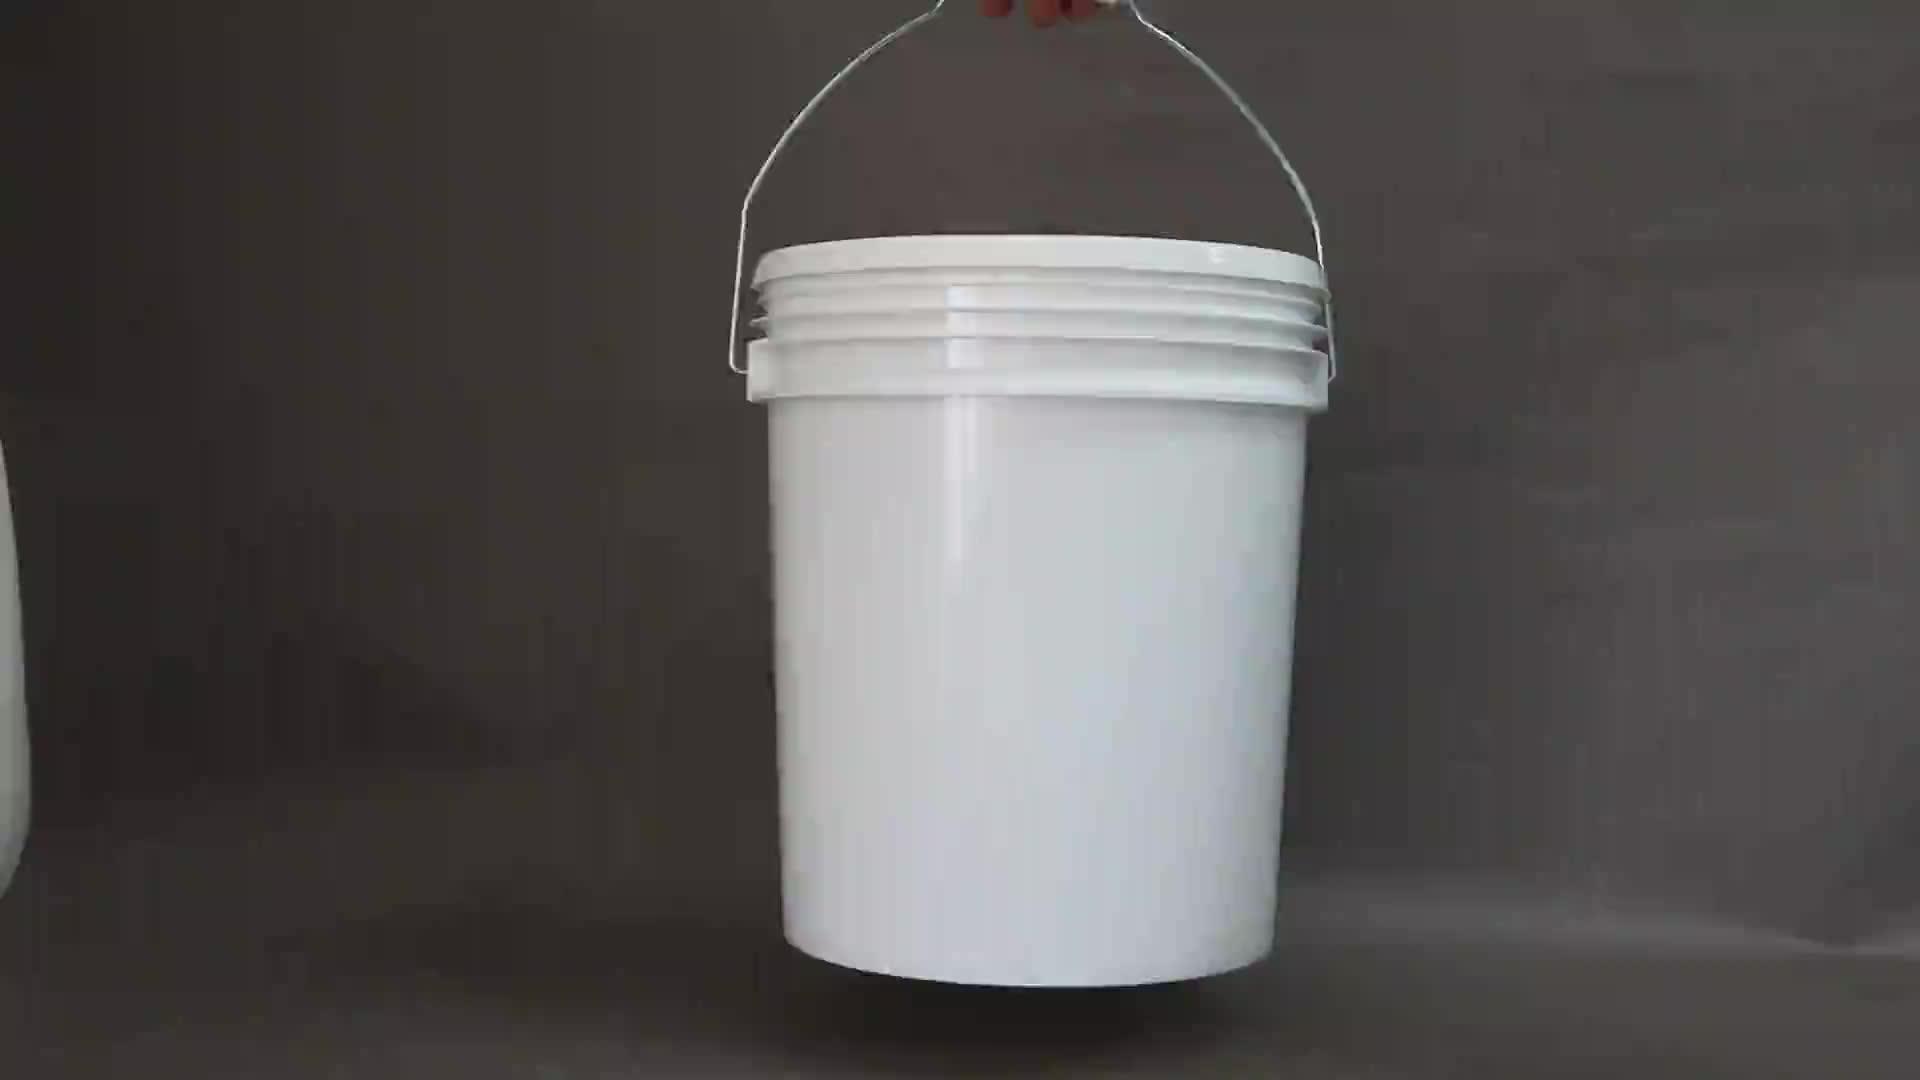 Phong cách mỹ 20L nhựa thùng với nhựa xử lý và vòi và miếng đệm